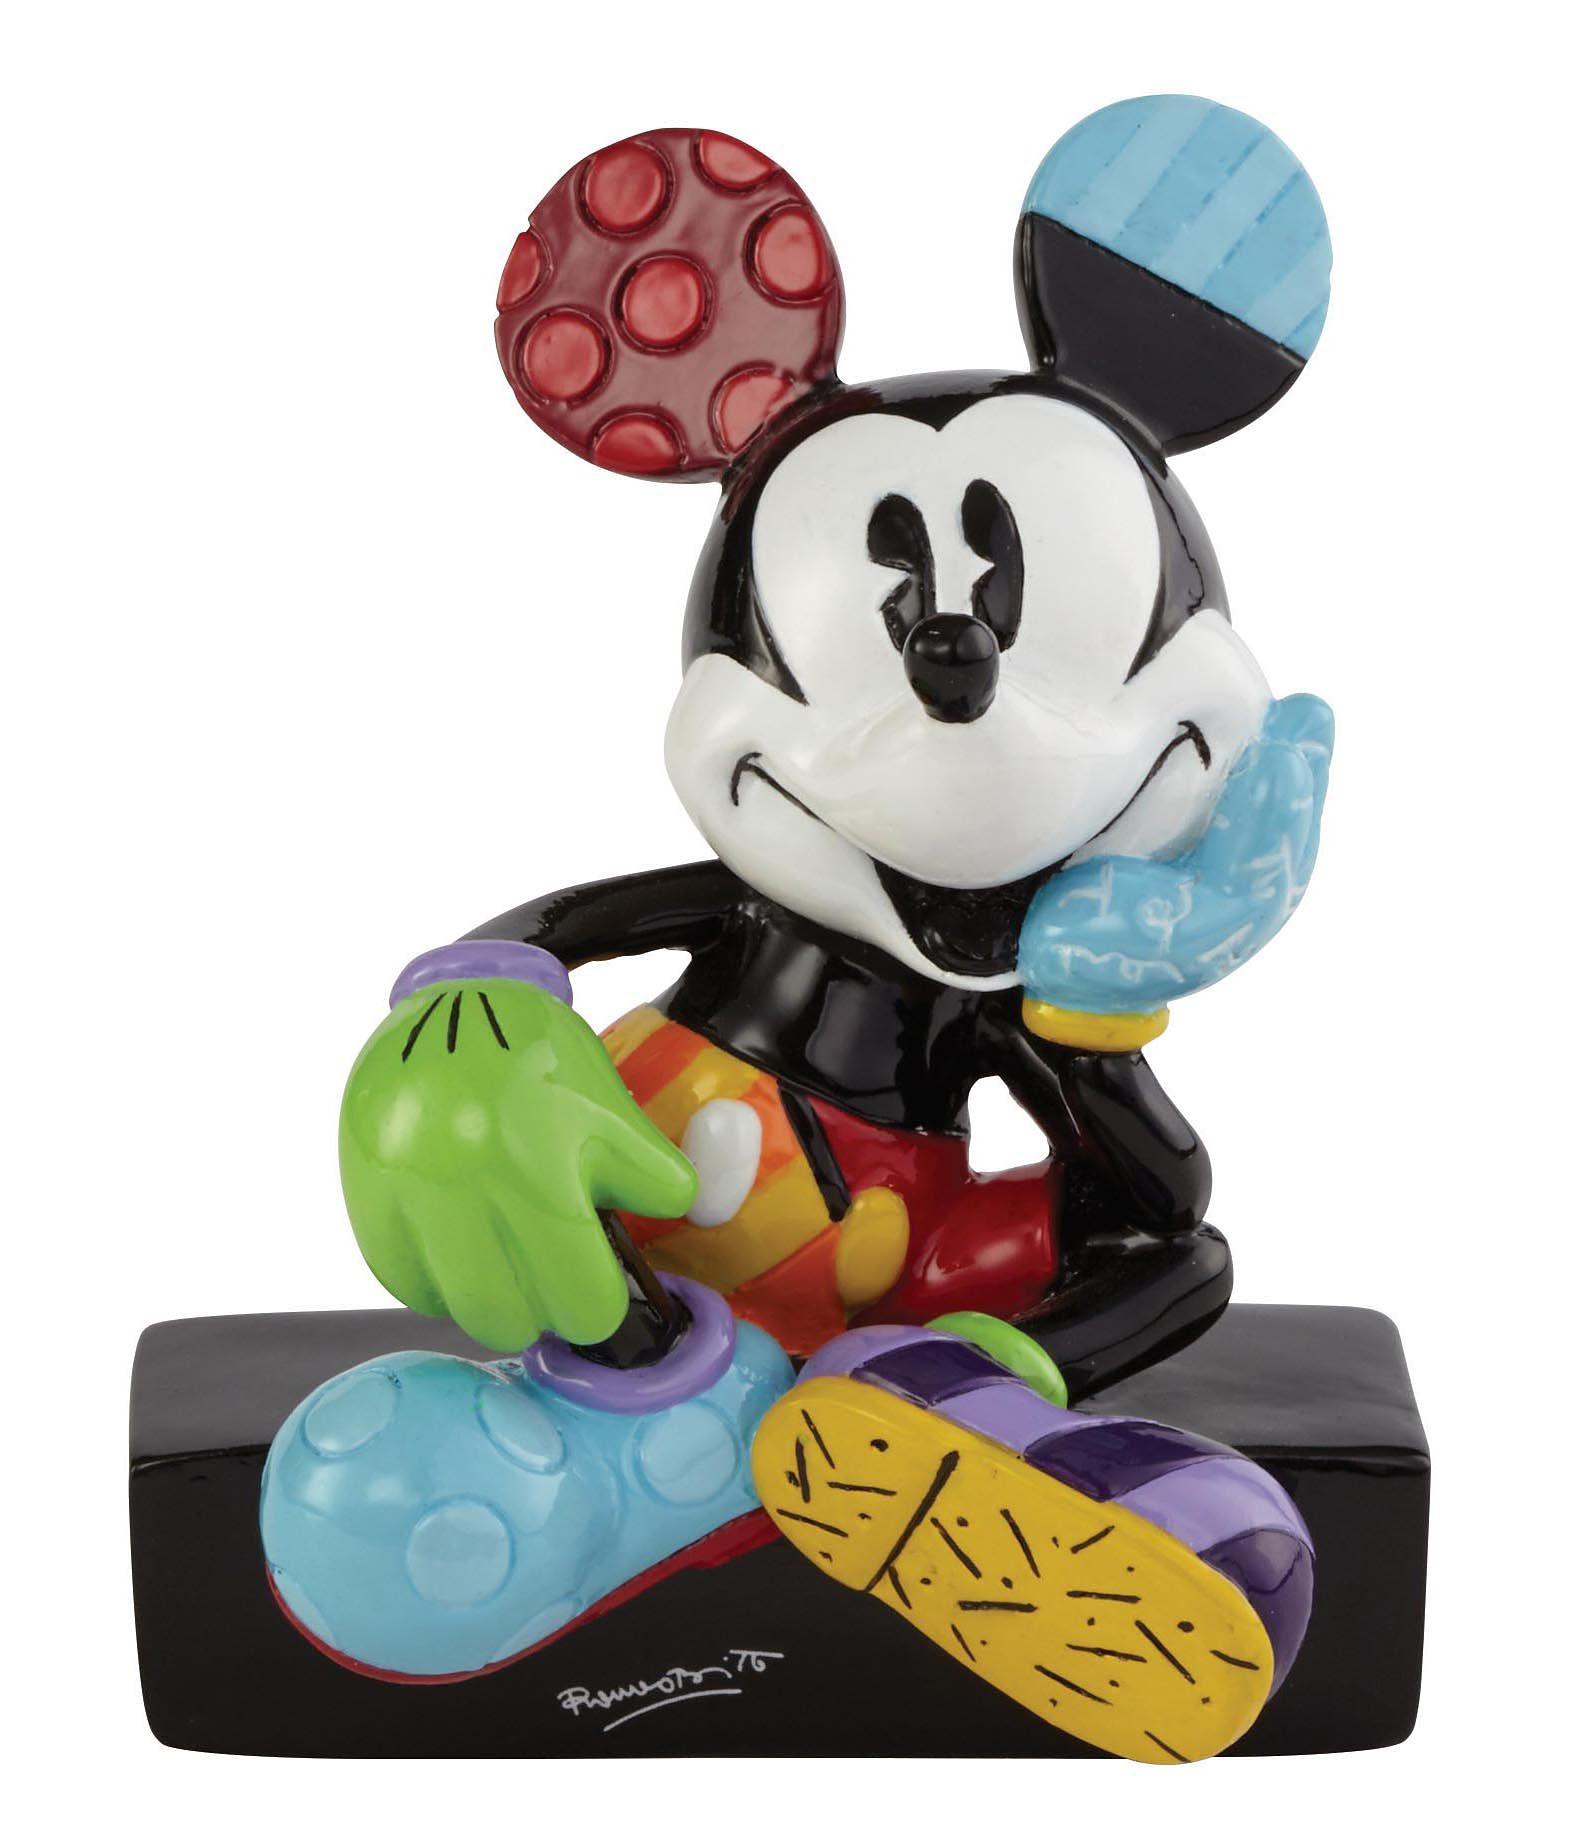 Disney by Britto Figur PopArt sitzend auf Sockel, »Mickey Mouse«